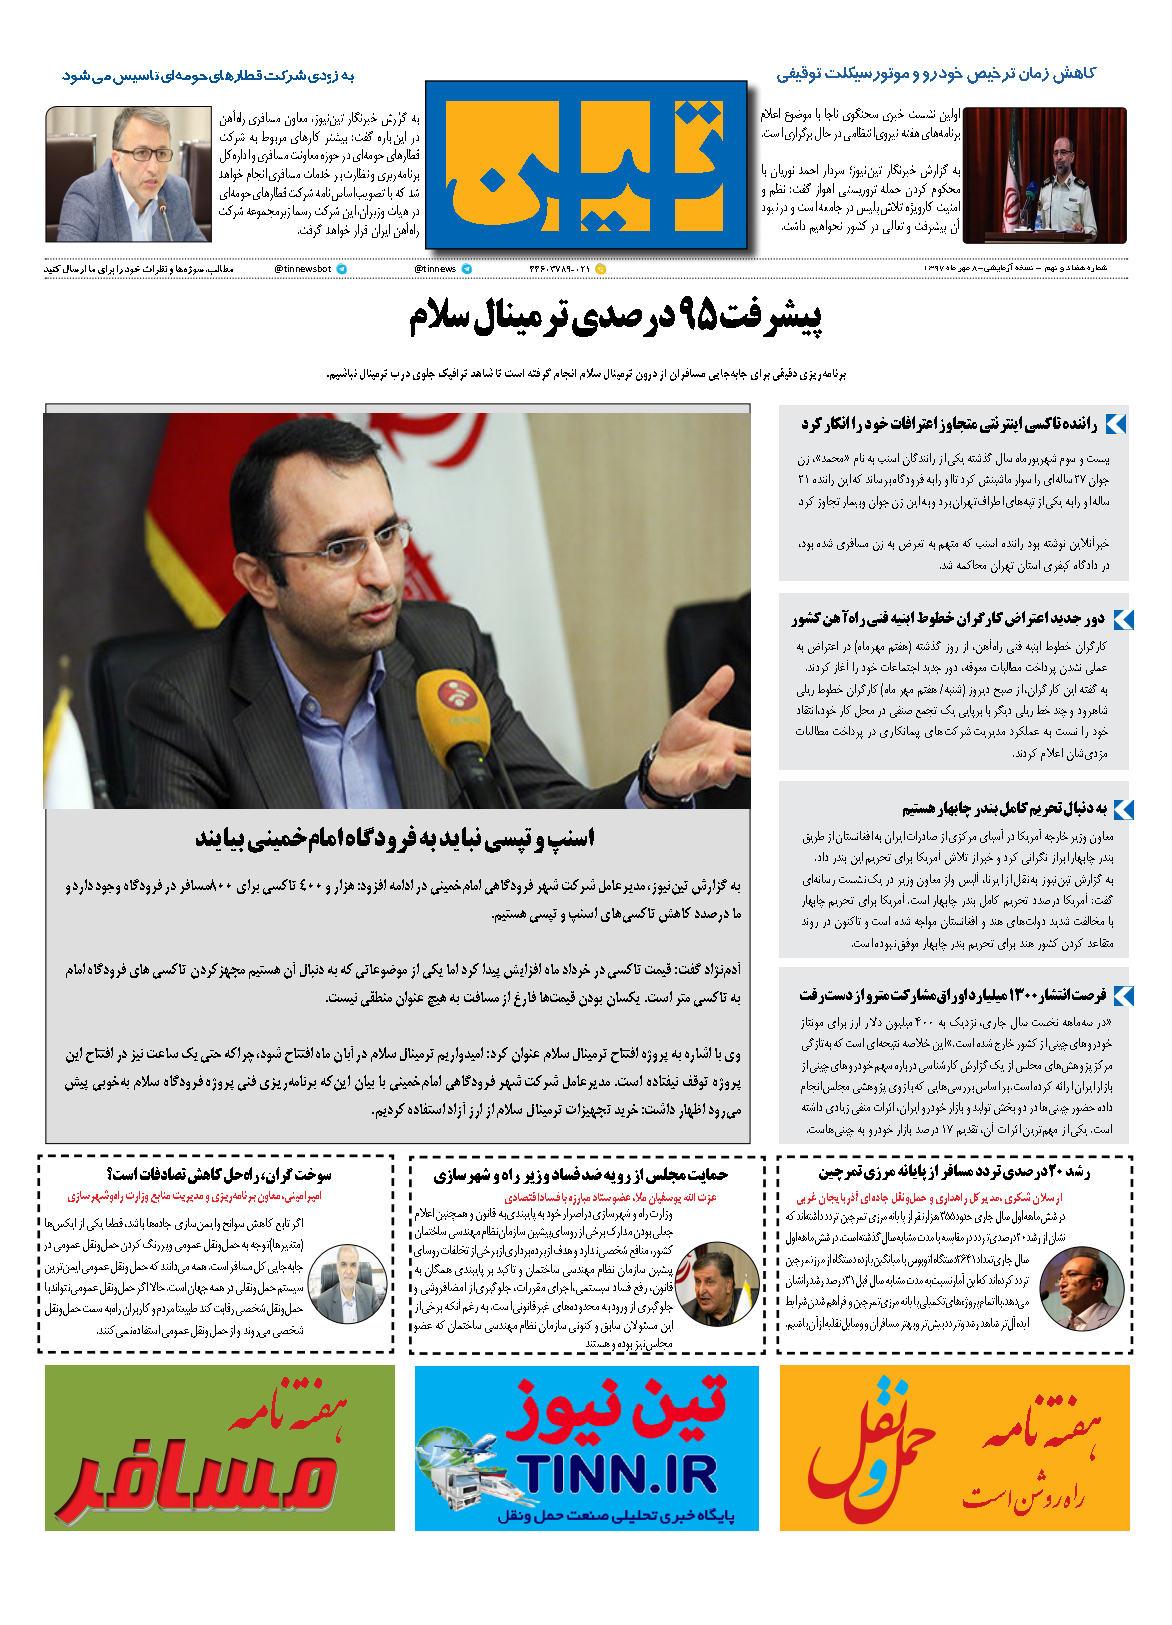 روزنامه الکترونیک 8 مهر ماه 97